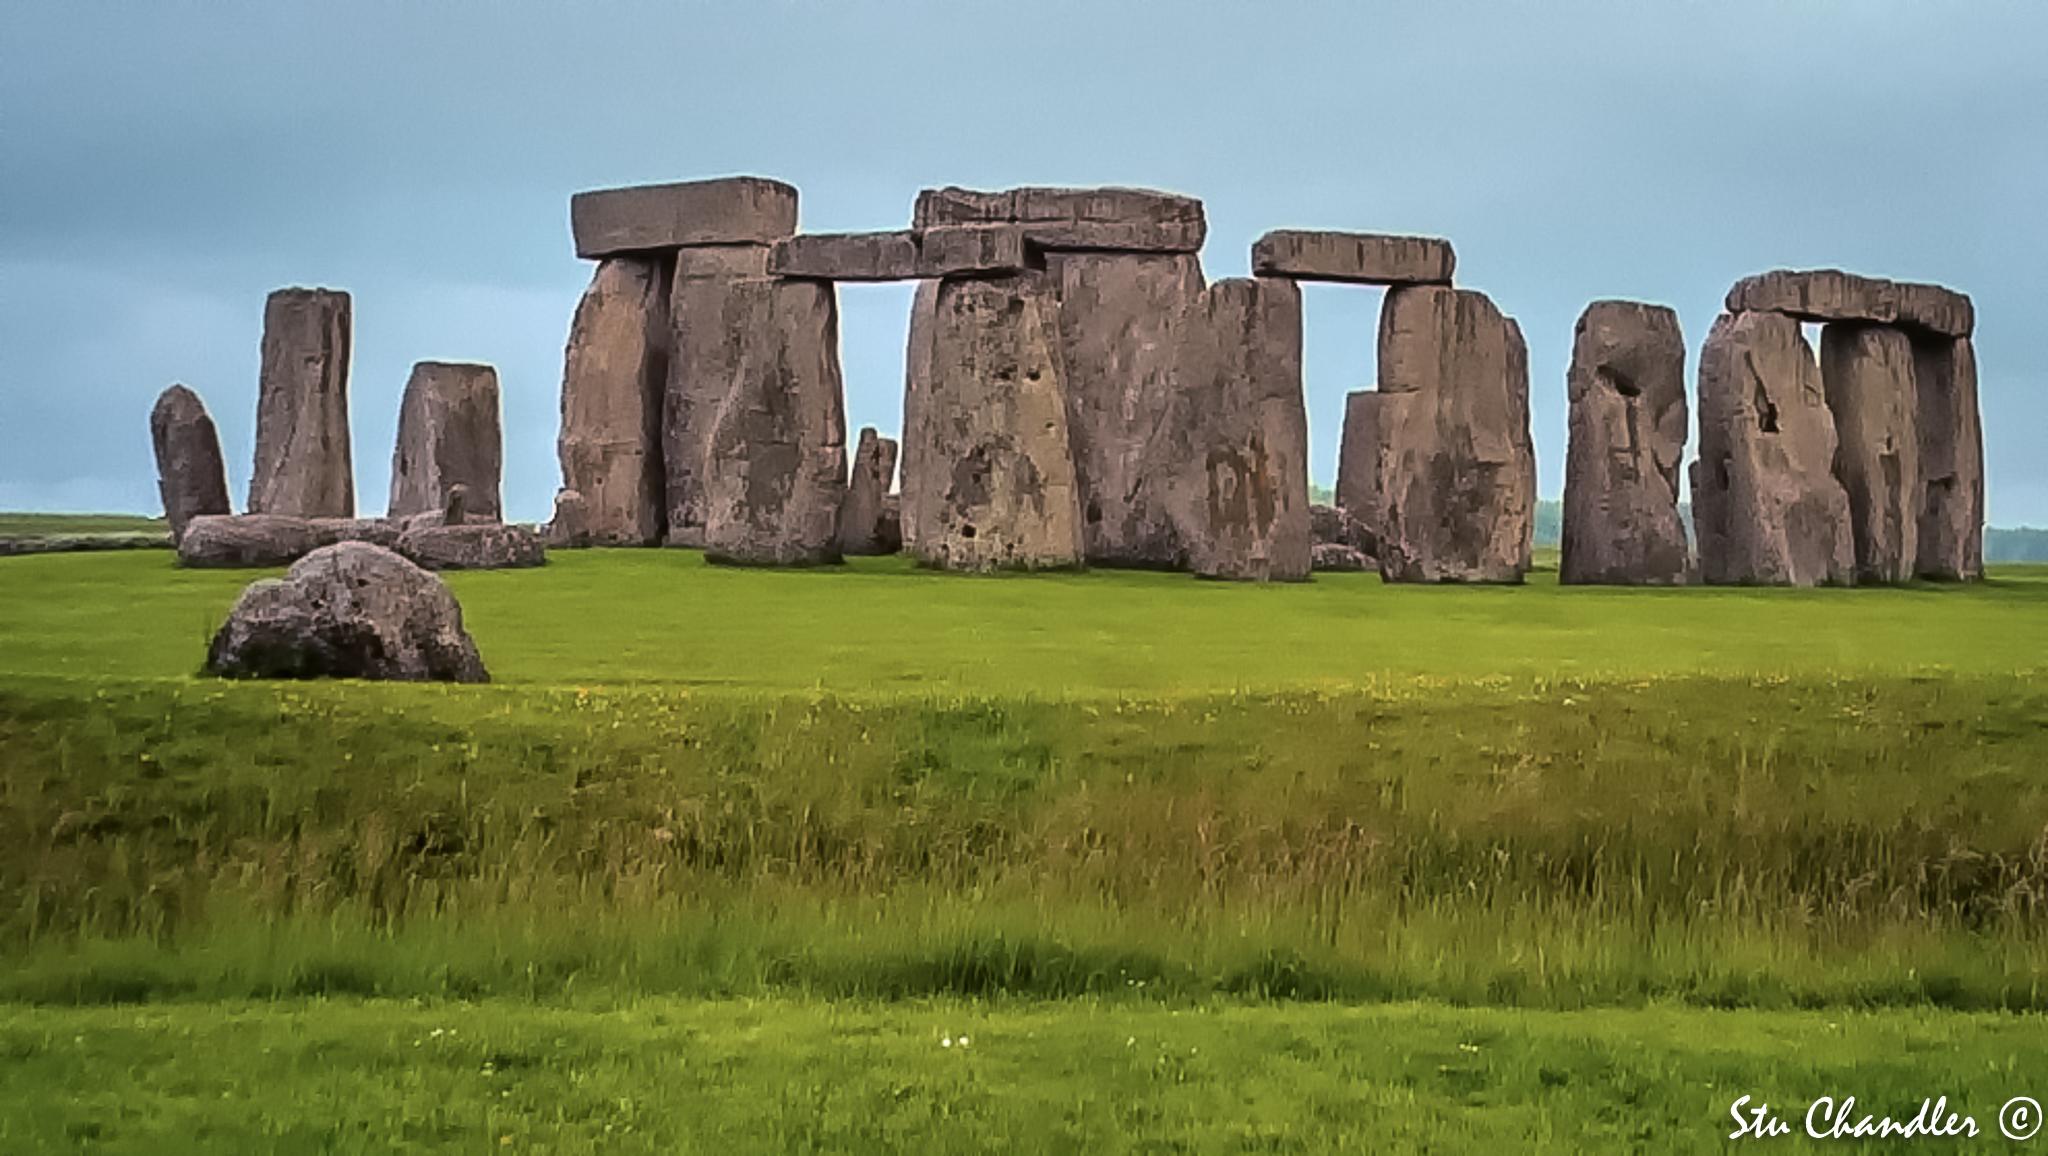 UK - Salisbury Plain - Stonehenge (2002)